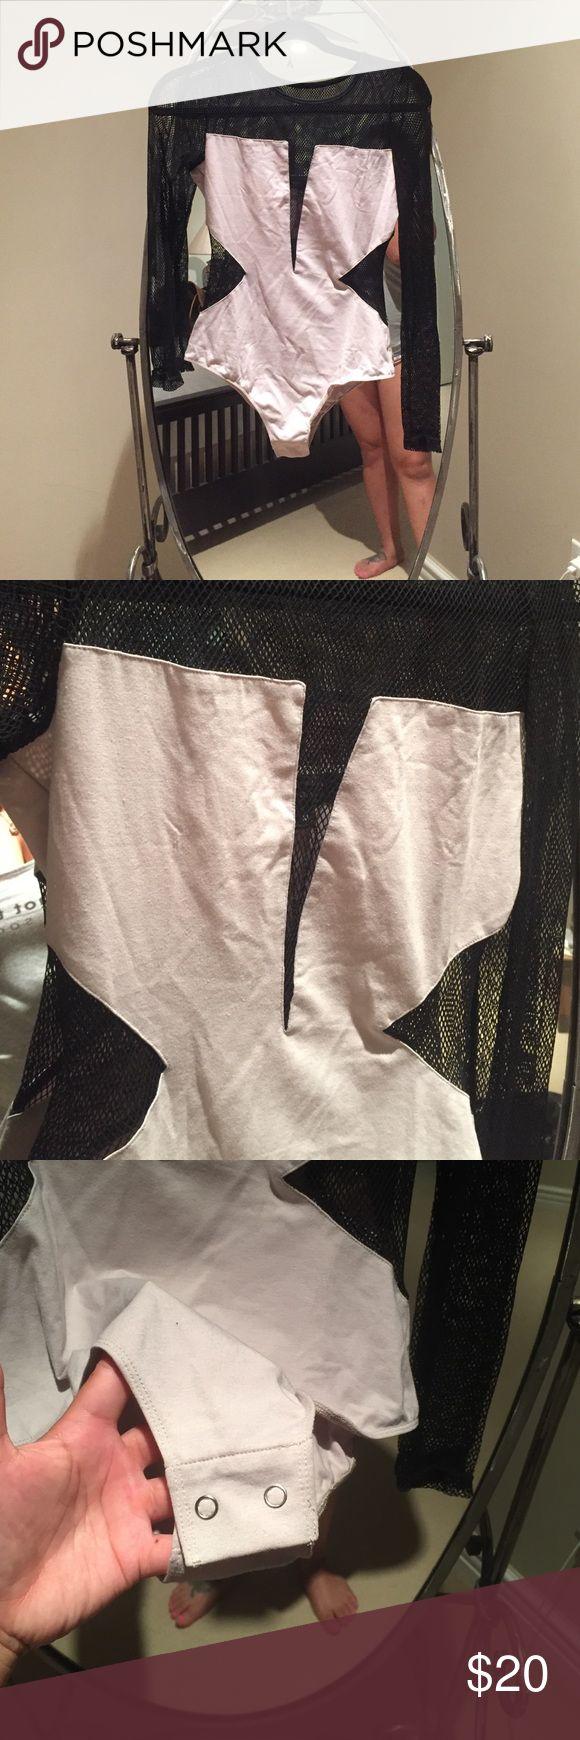 Body suit Mesh neutral body suit Tops